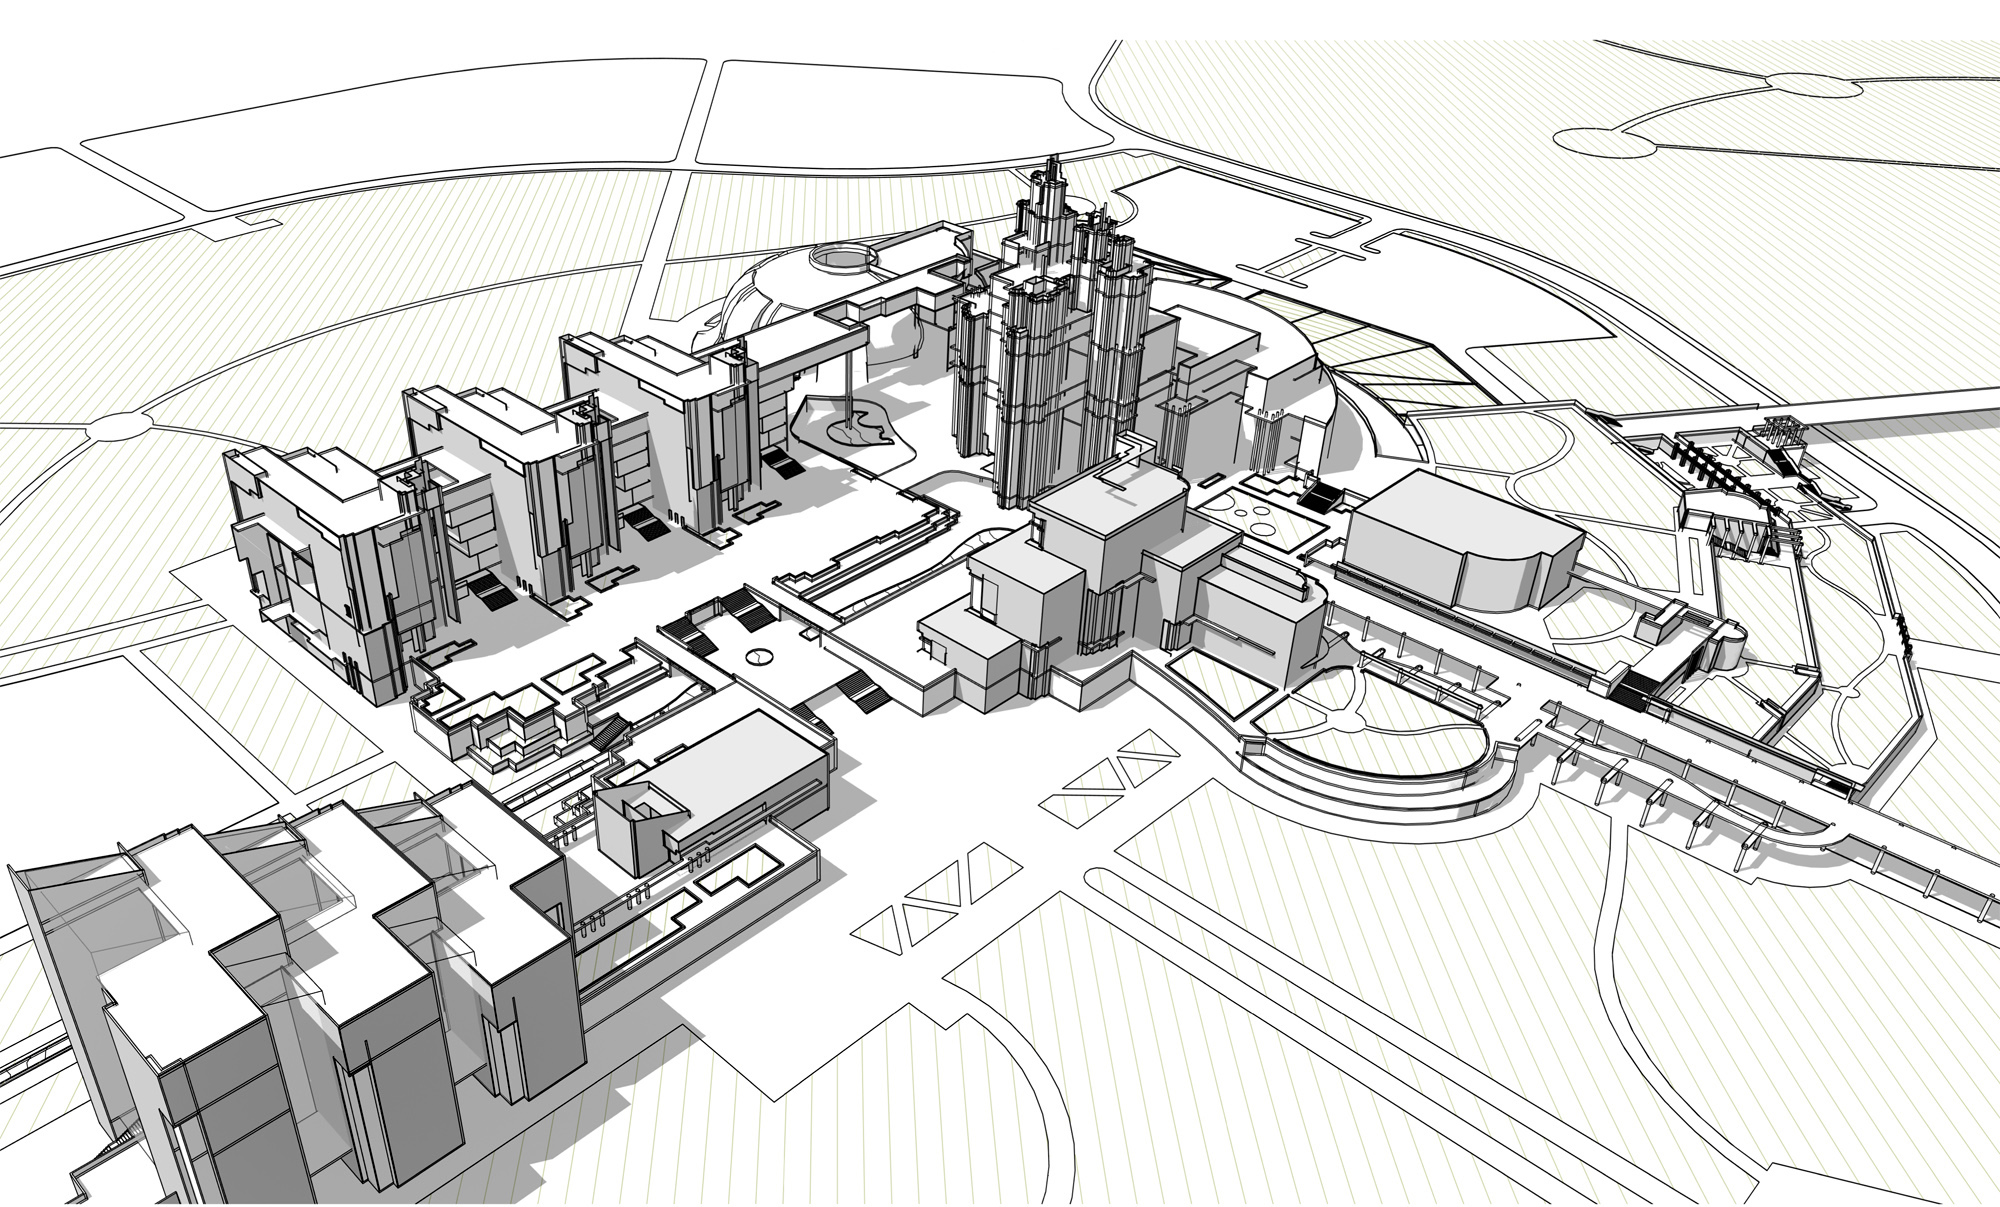 Проект кампуса университета в Новоситино. Вид сверху. 2011 г.